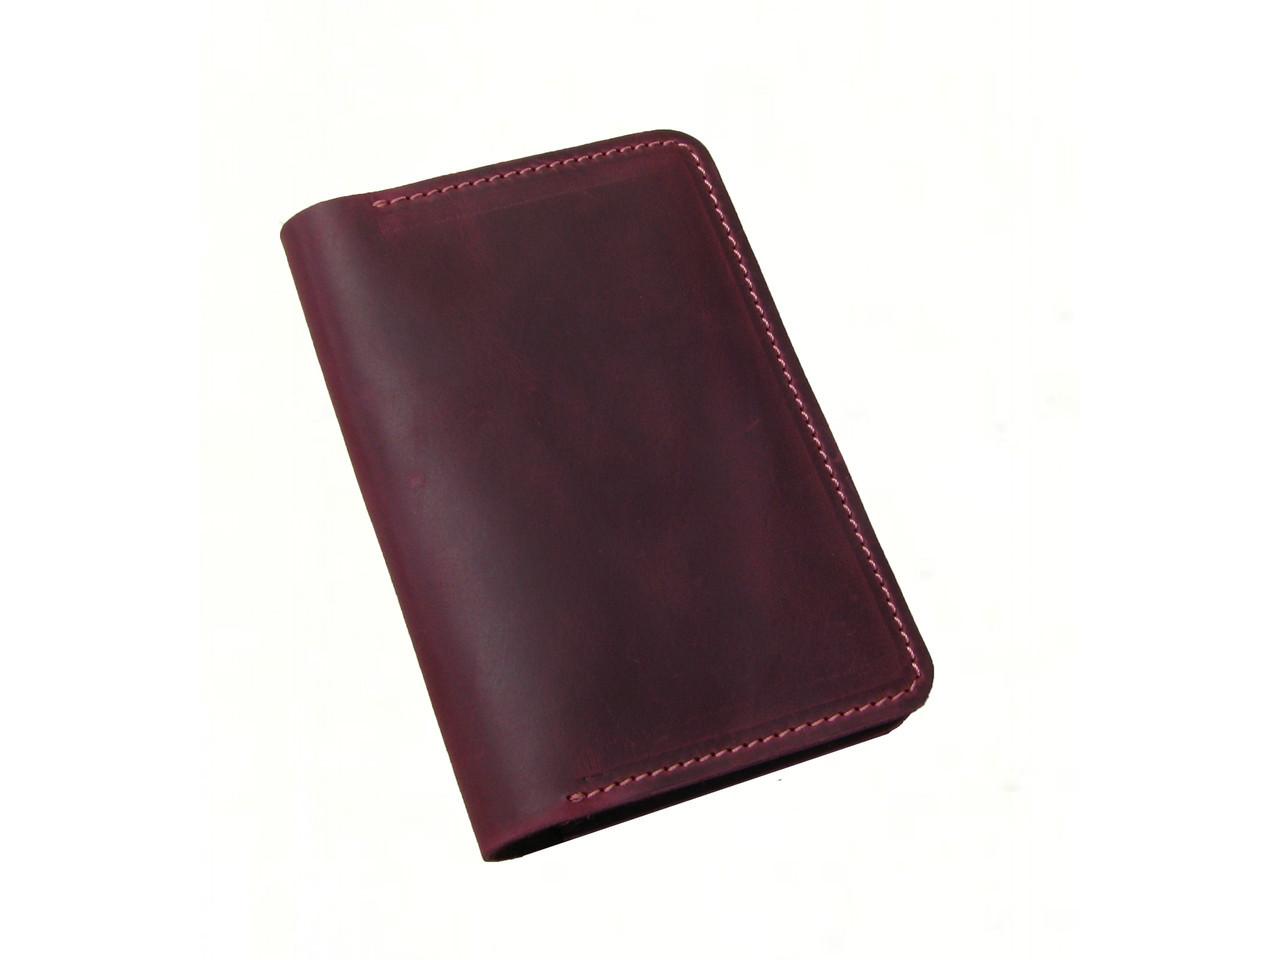 Обложка для паспорта GS кожаная бордовая